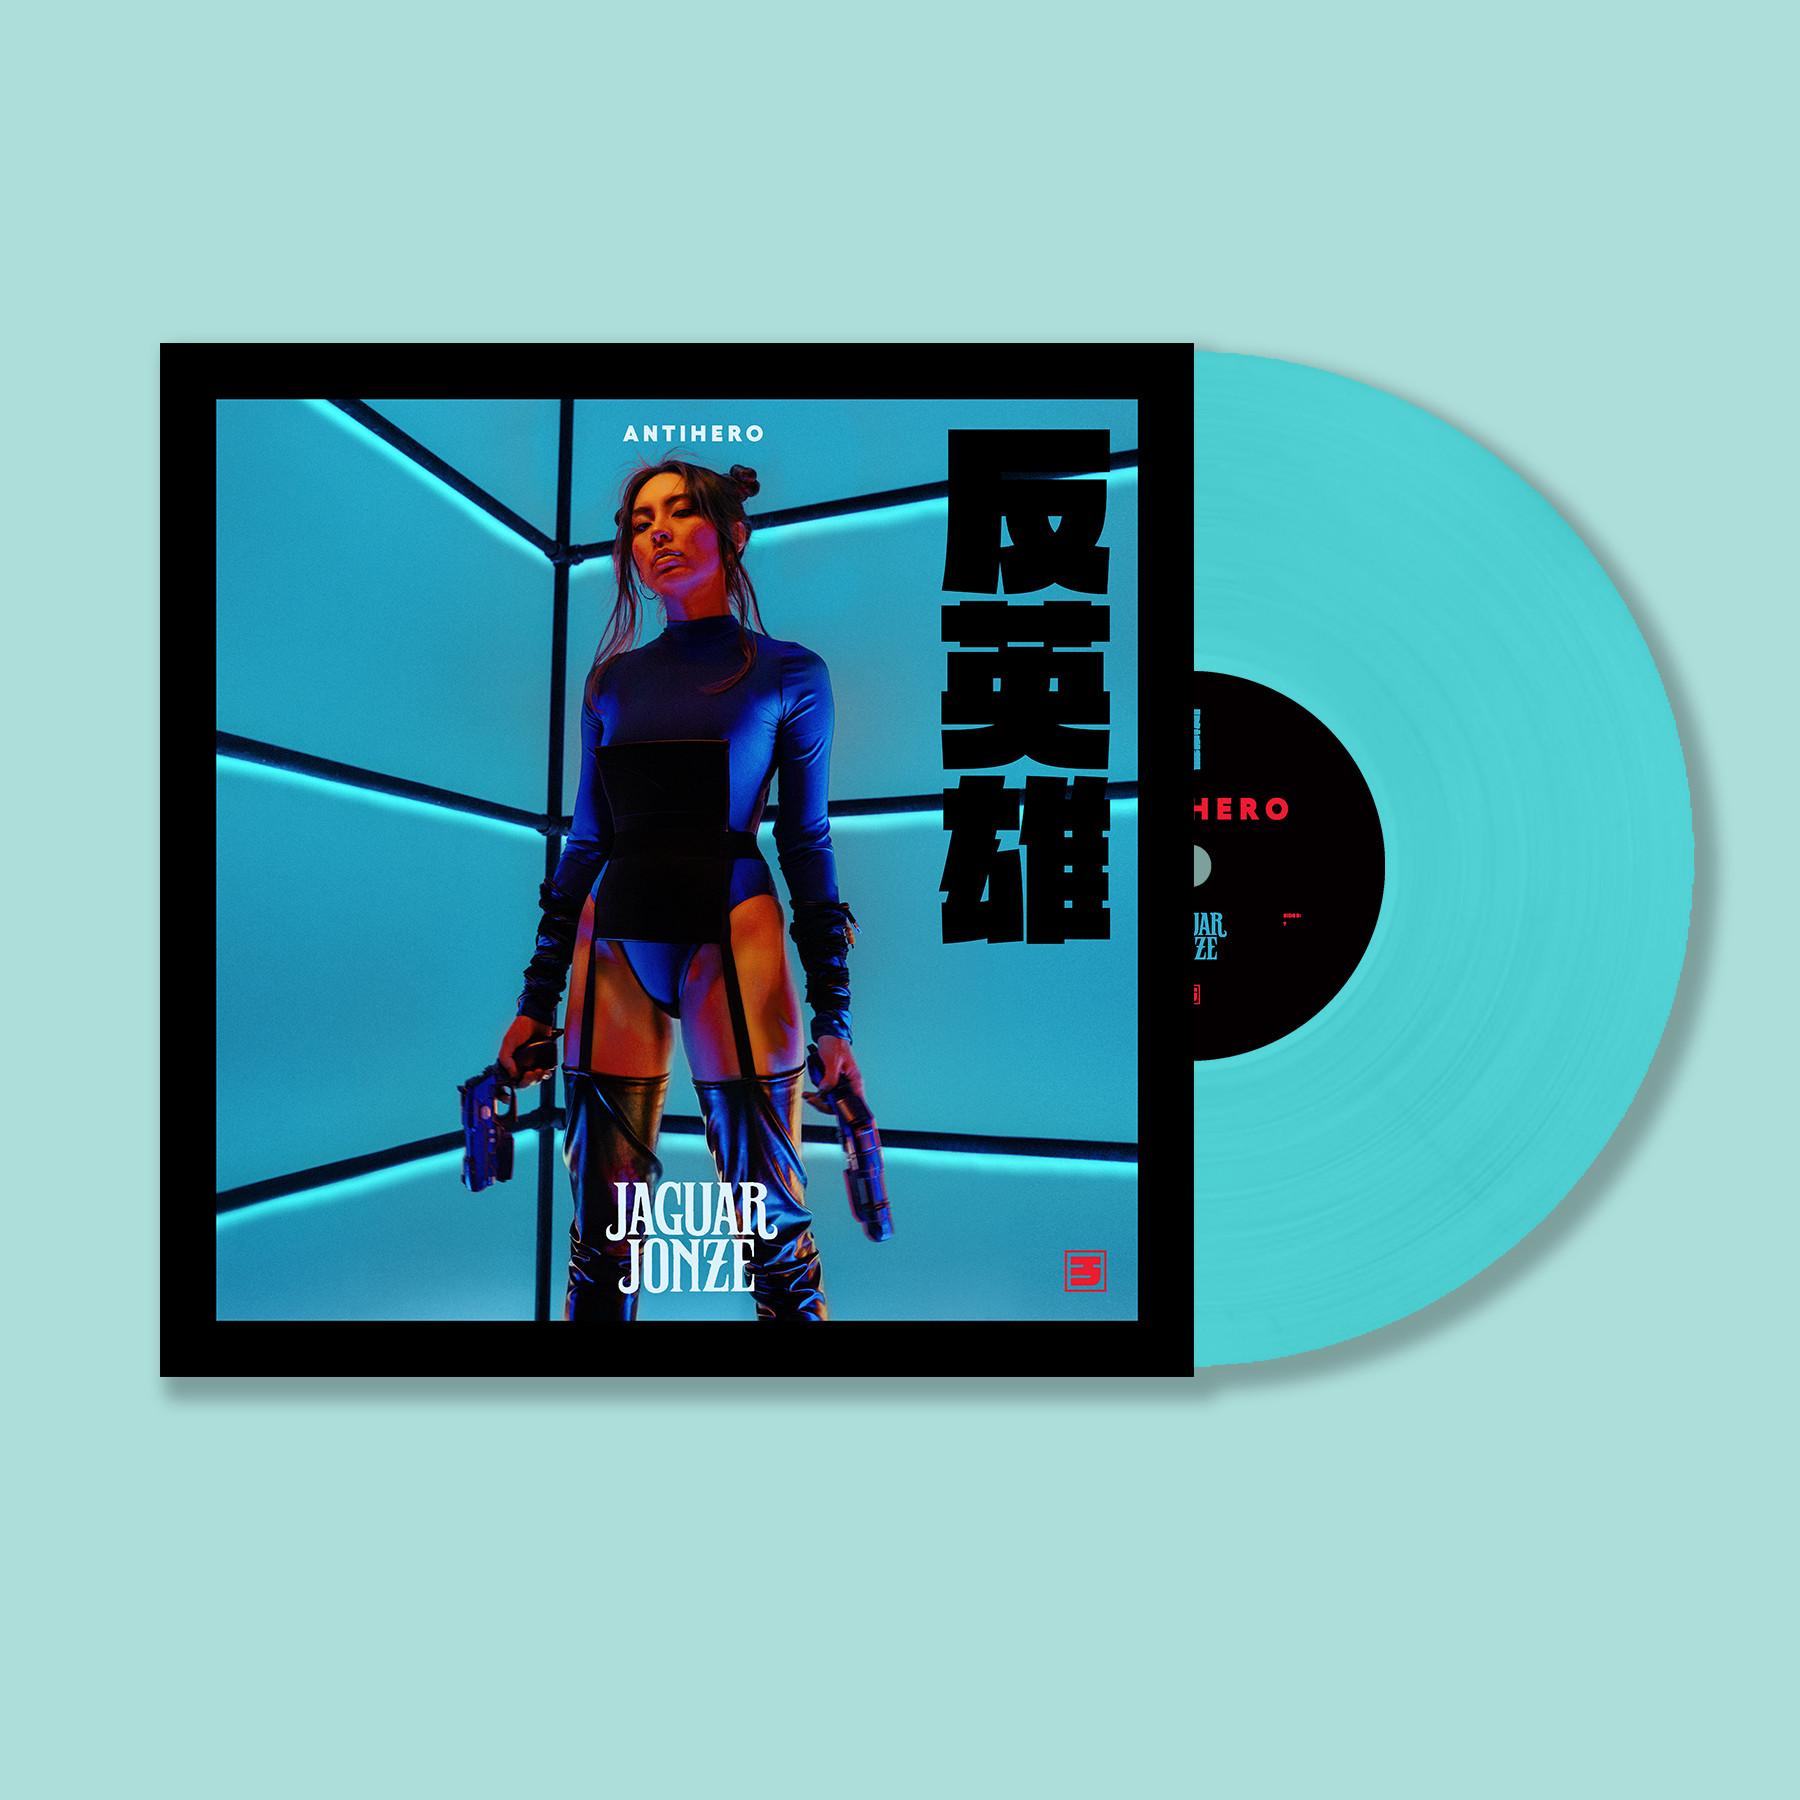 ANTIHERO Vinyl